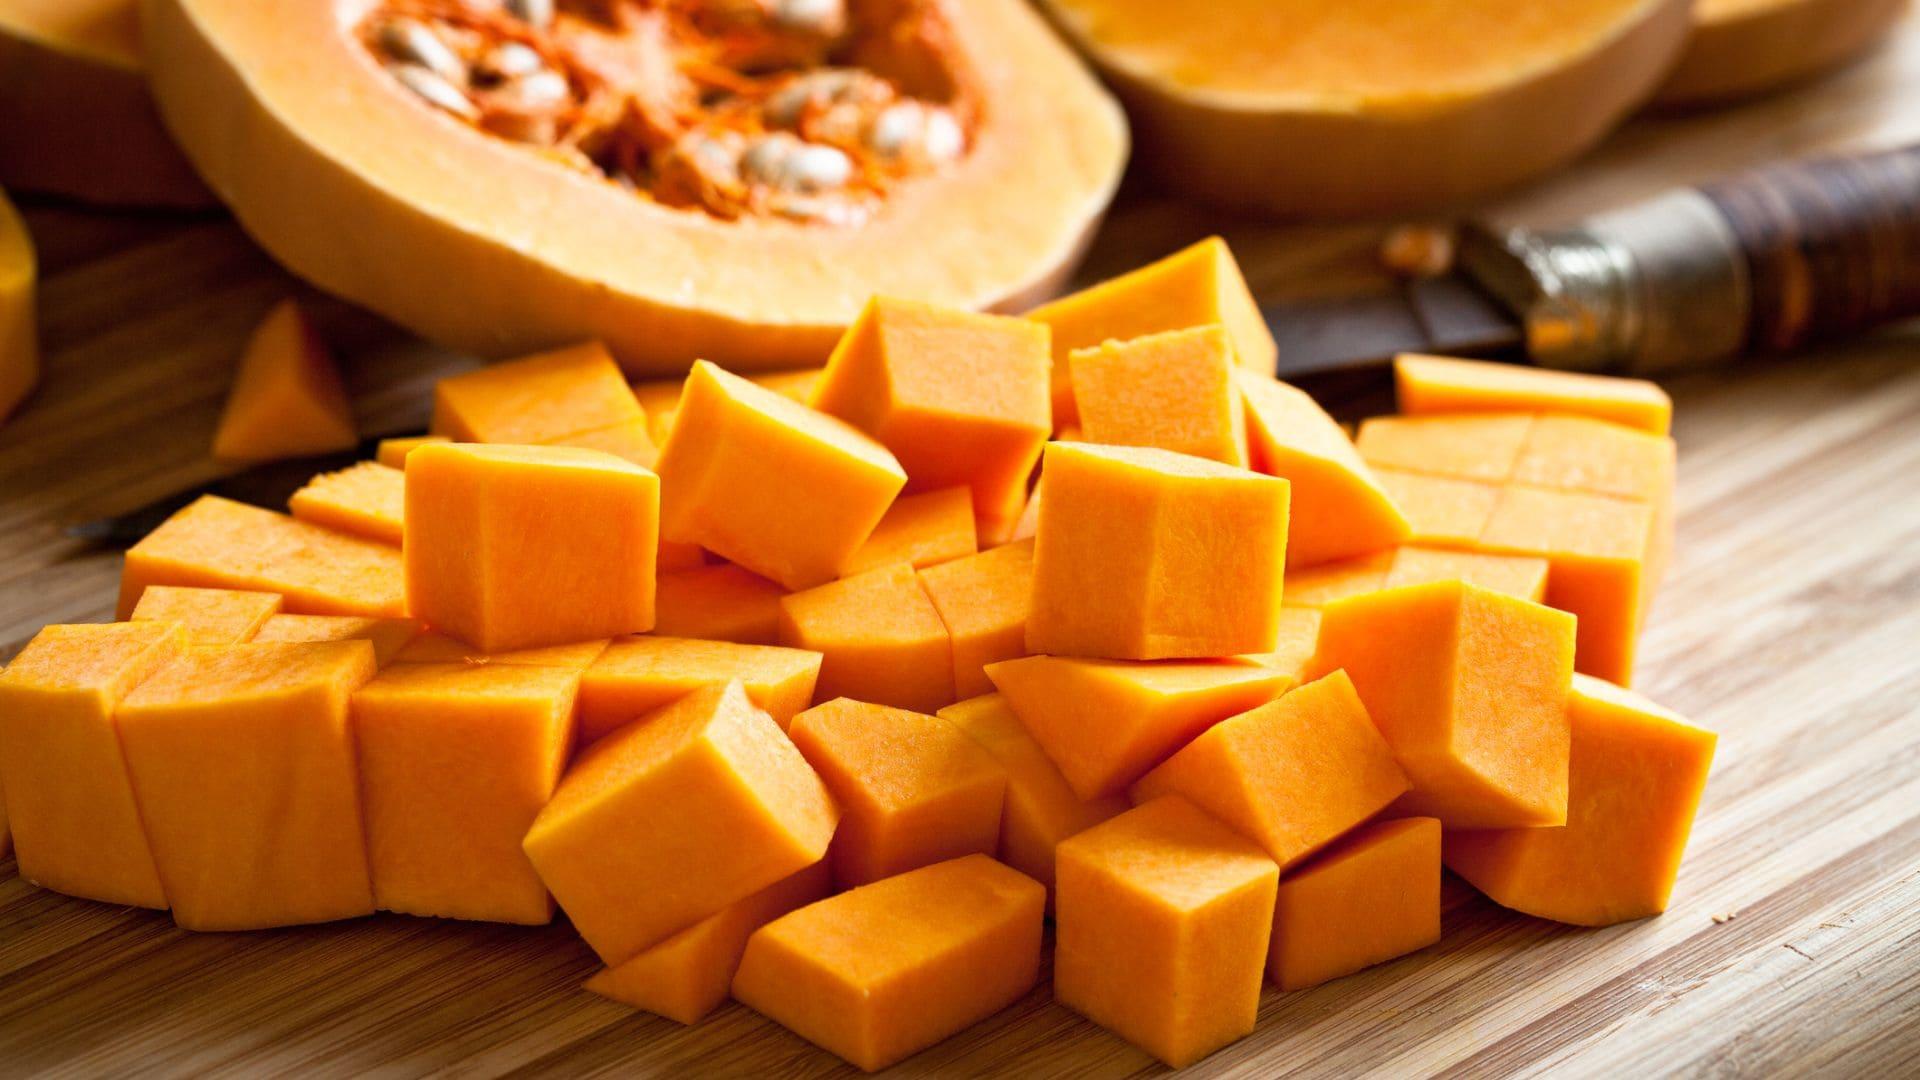 La cesta de octubre: sabor y sencillez en color naranja